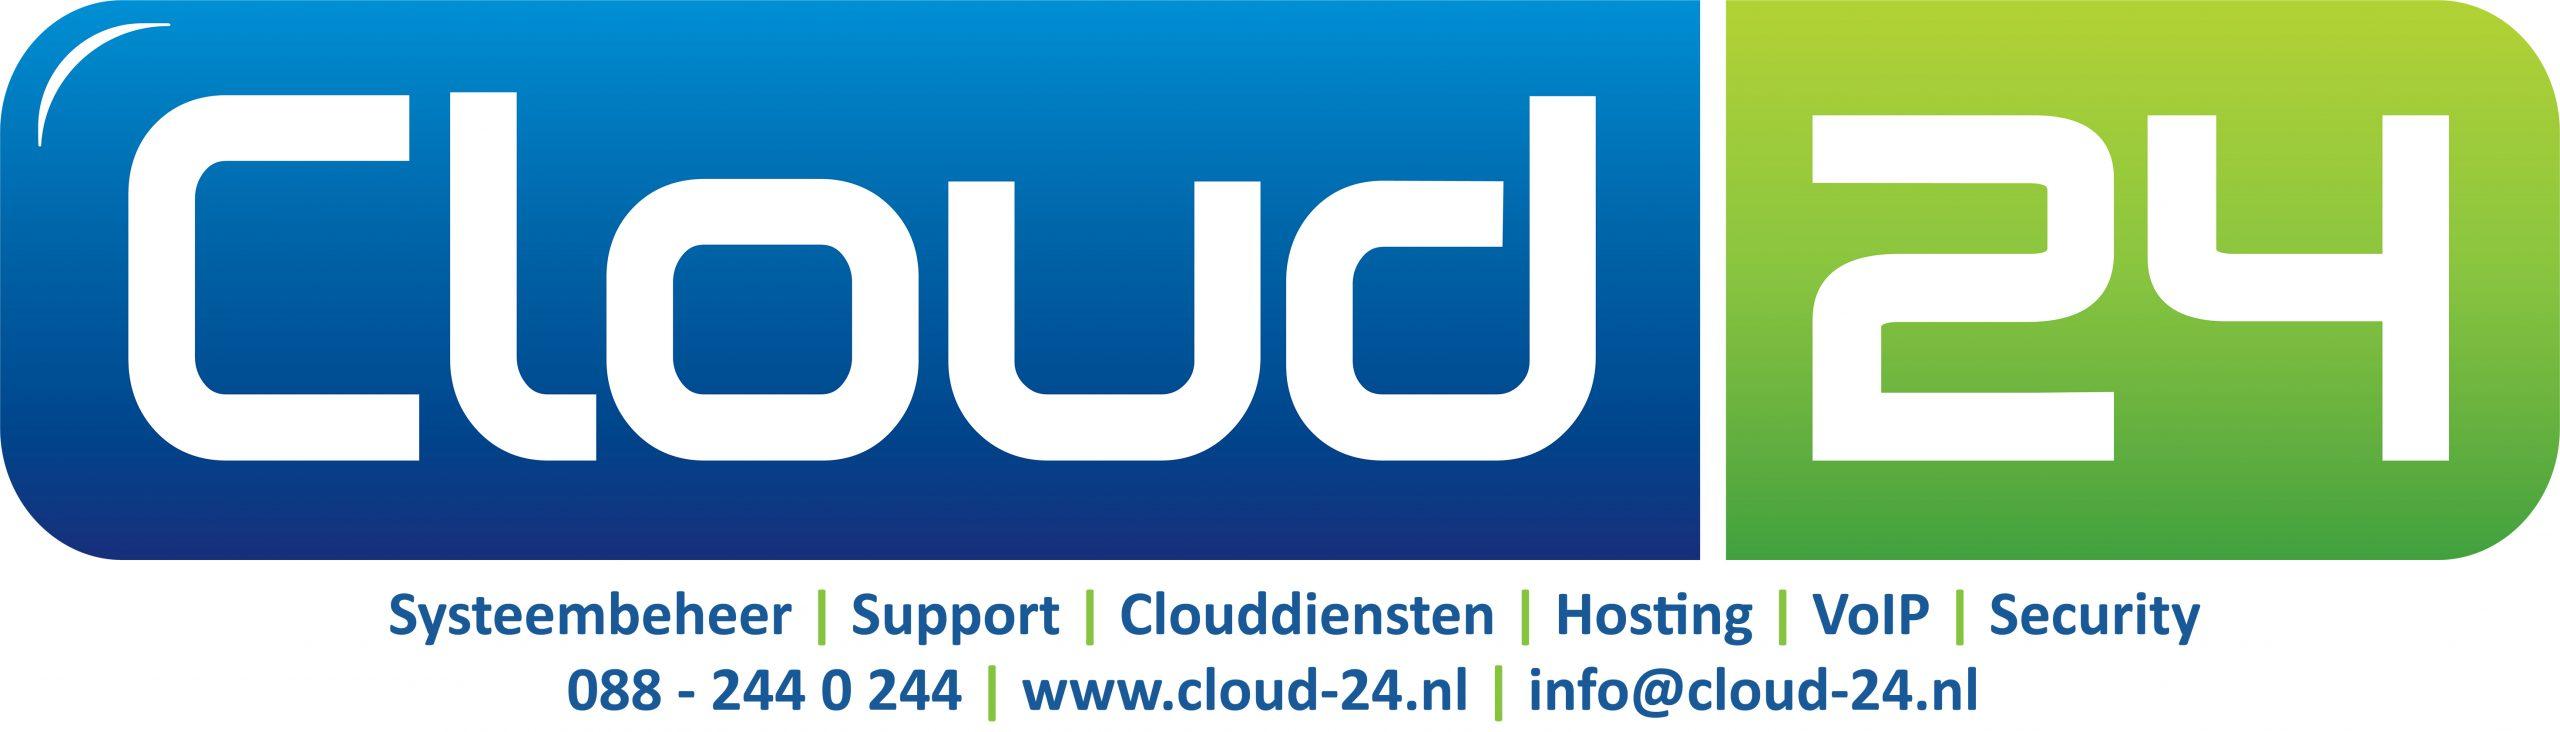 Cloud 24 ict-Partell partner